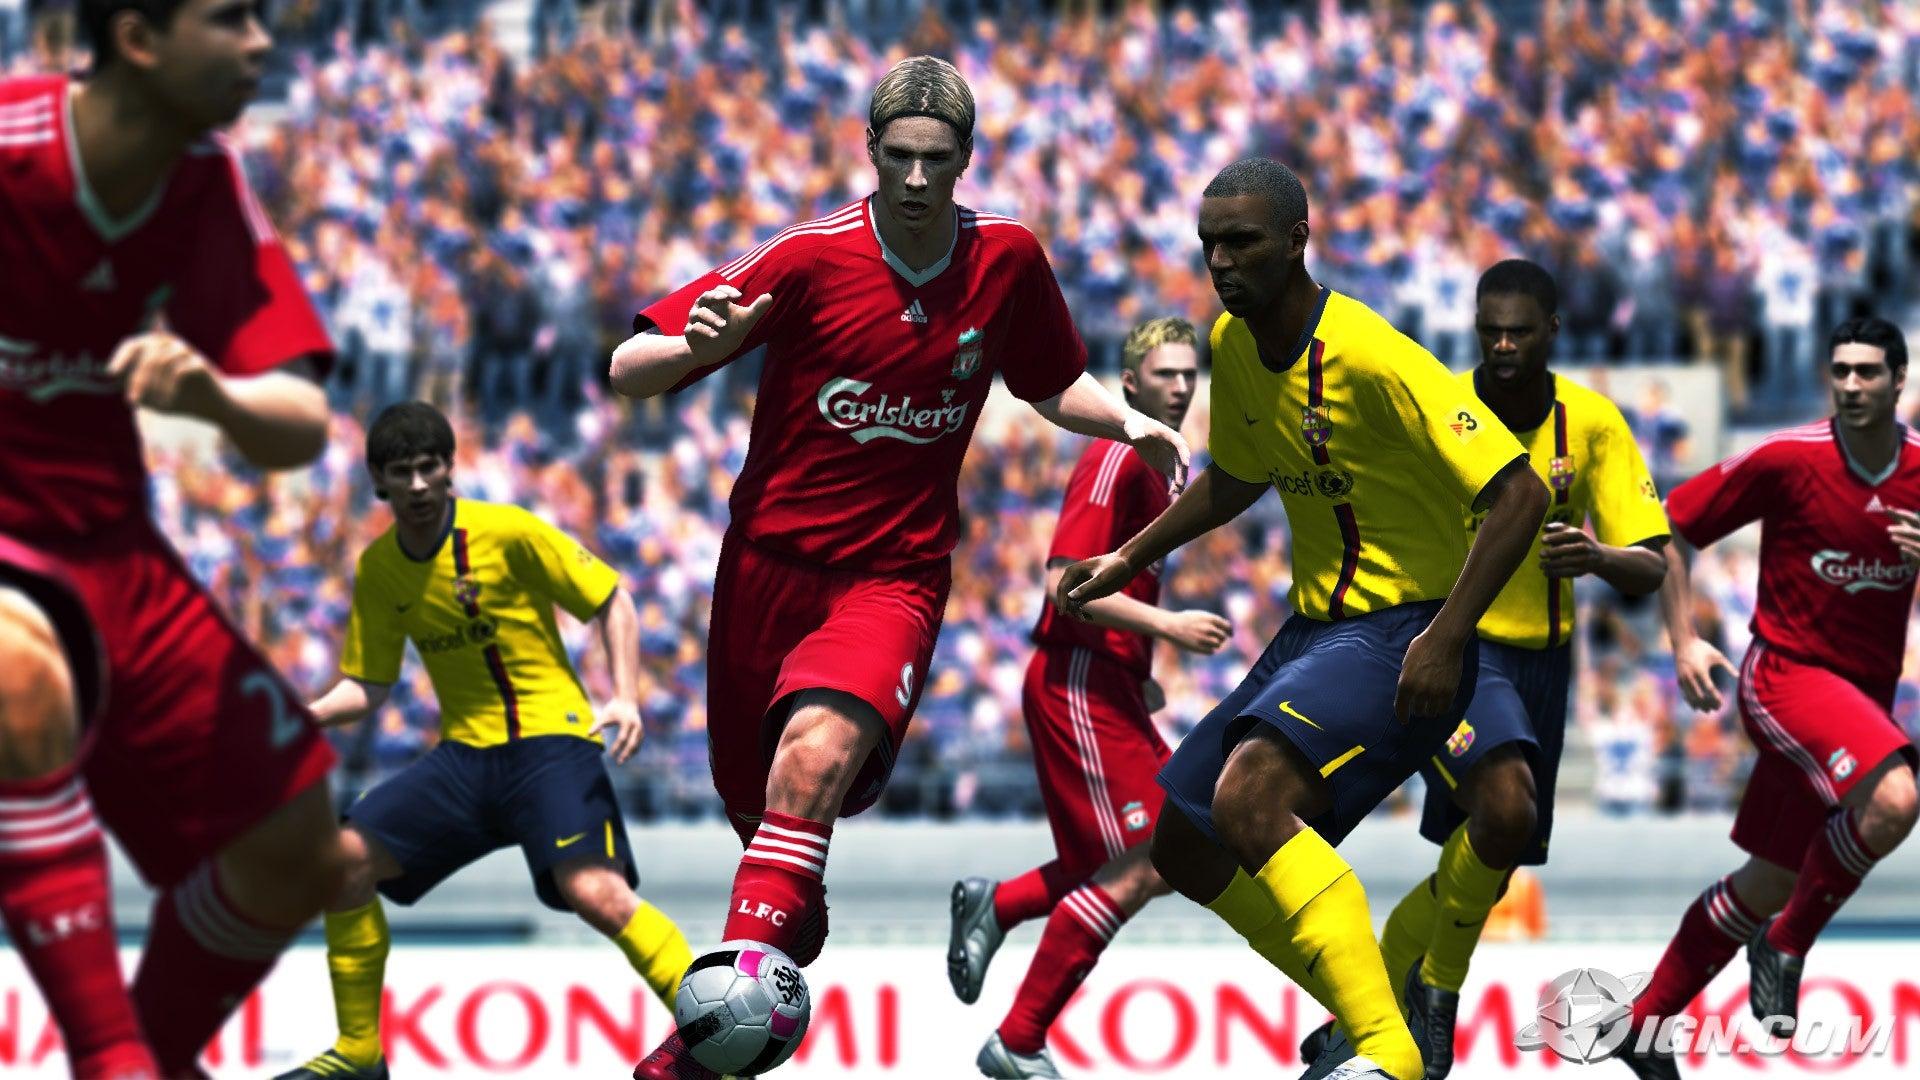 حصريا لعبة PES 2010 كاملة وعلى اكثر من سيرفر Pro-evolution-soccer-2010-20090713090635697